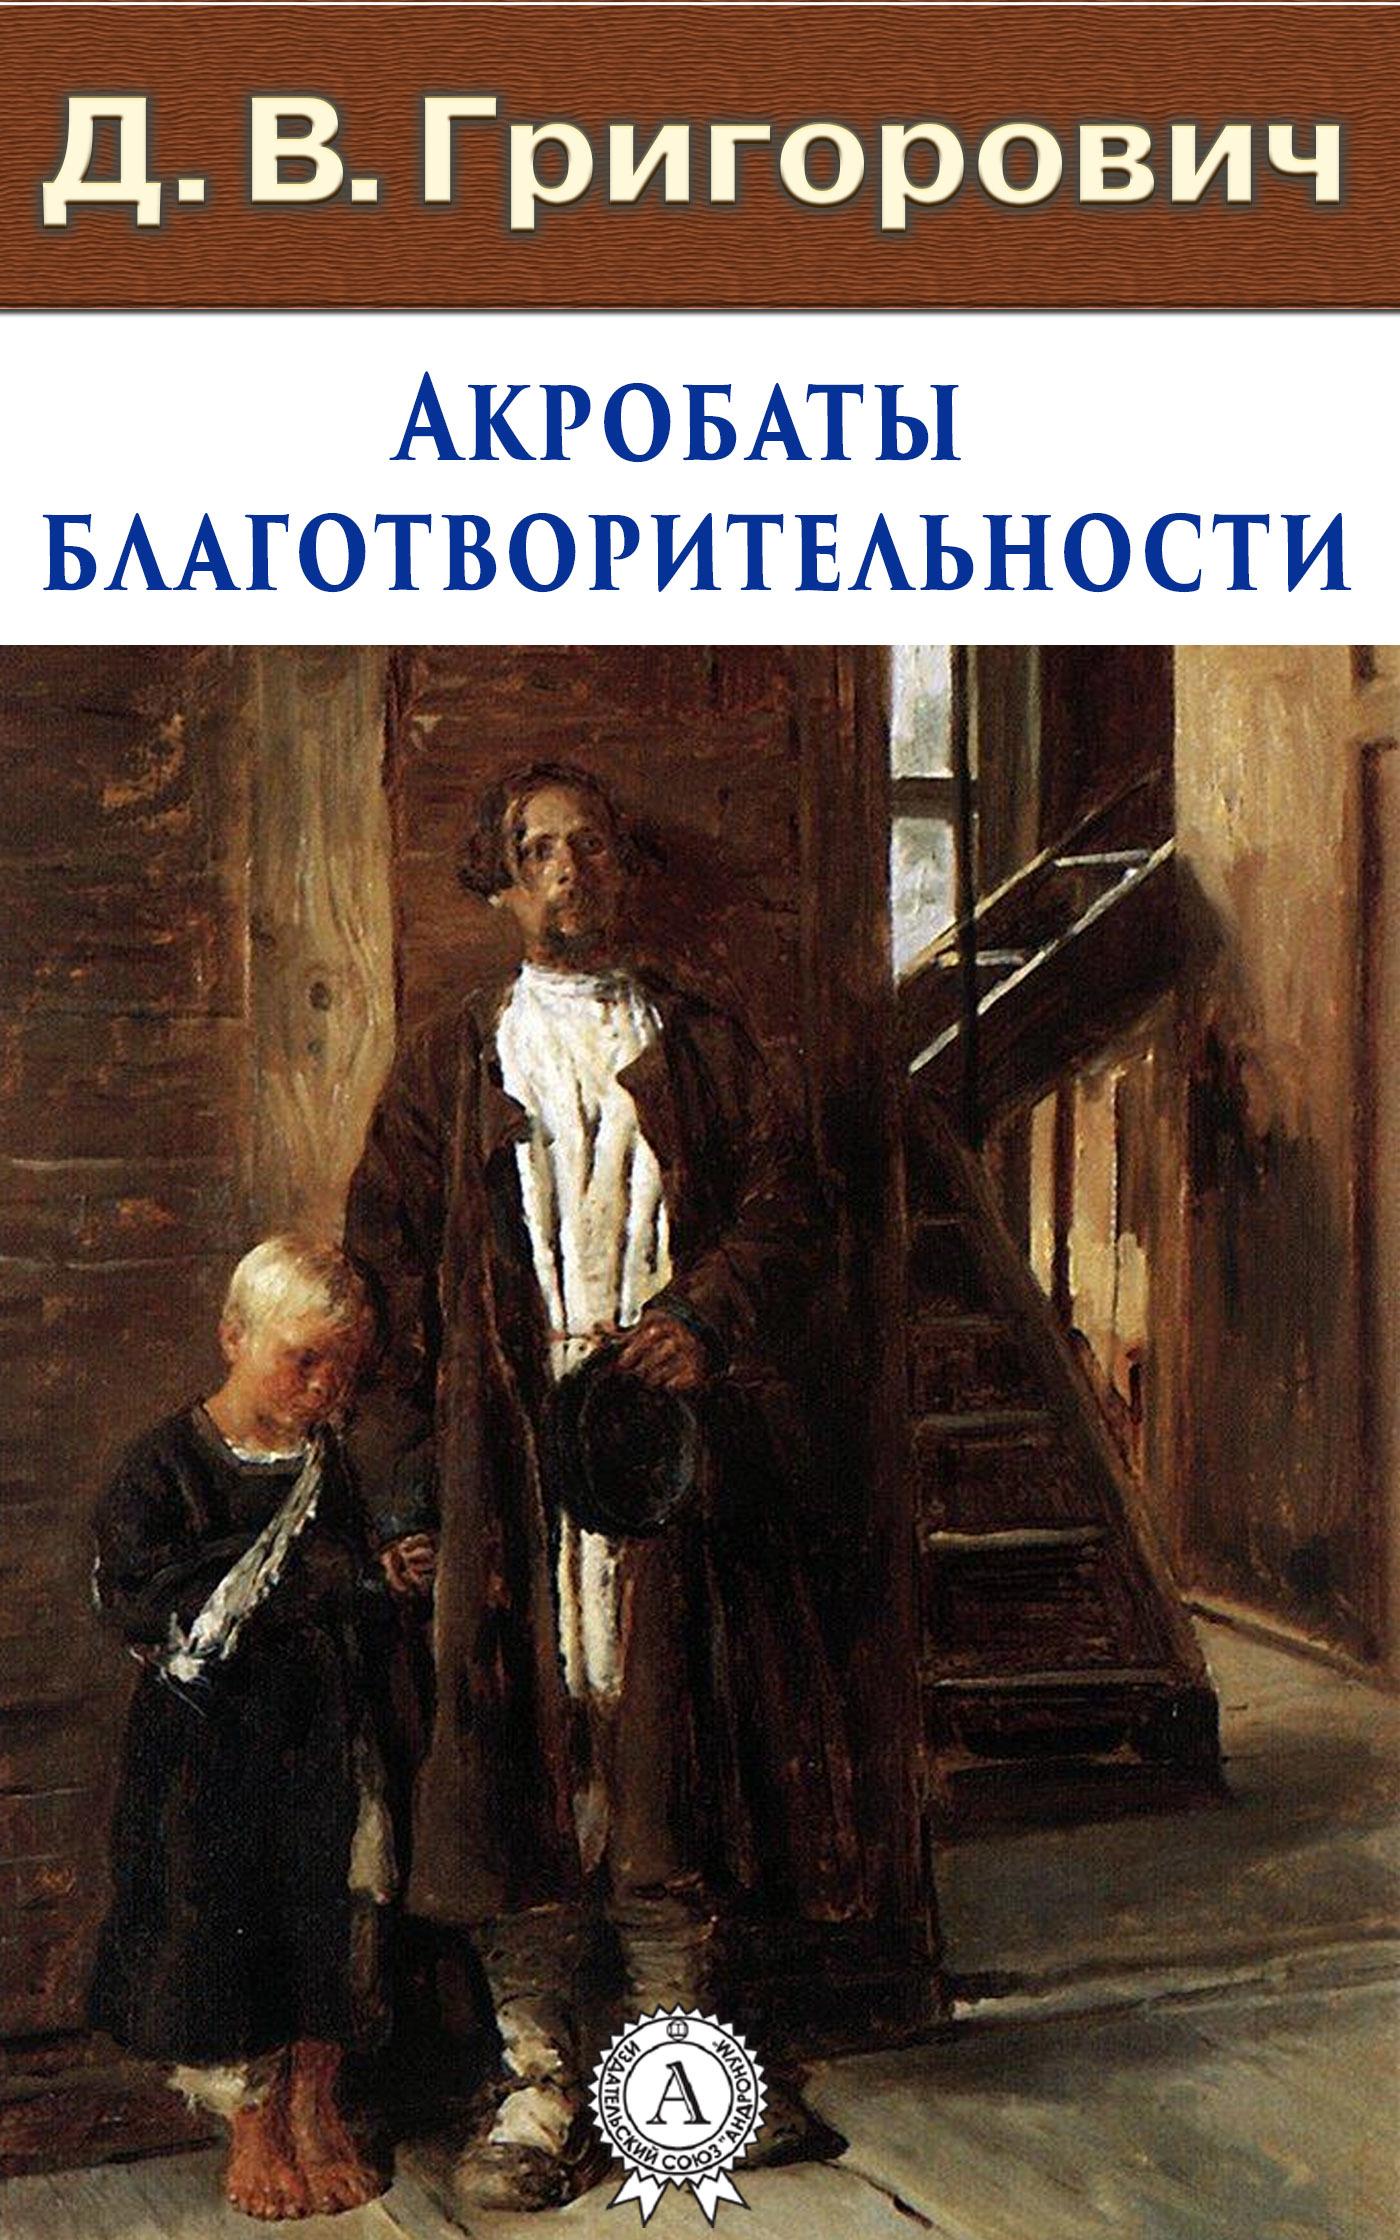 читать книгу Дмитрий Васильевич Григорович электронной скачивание